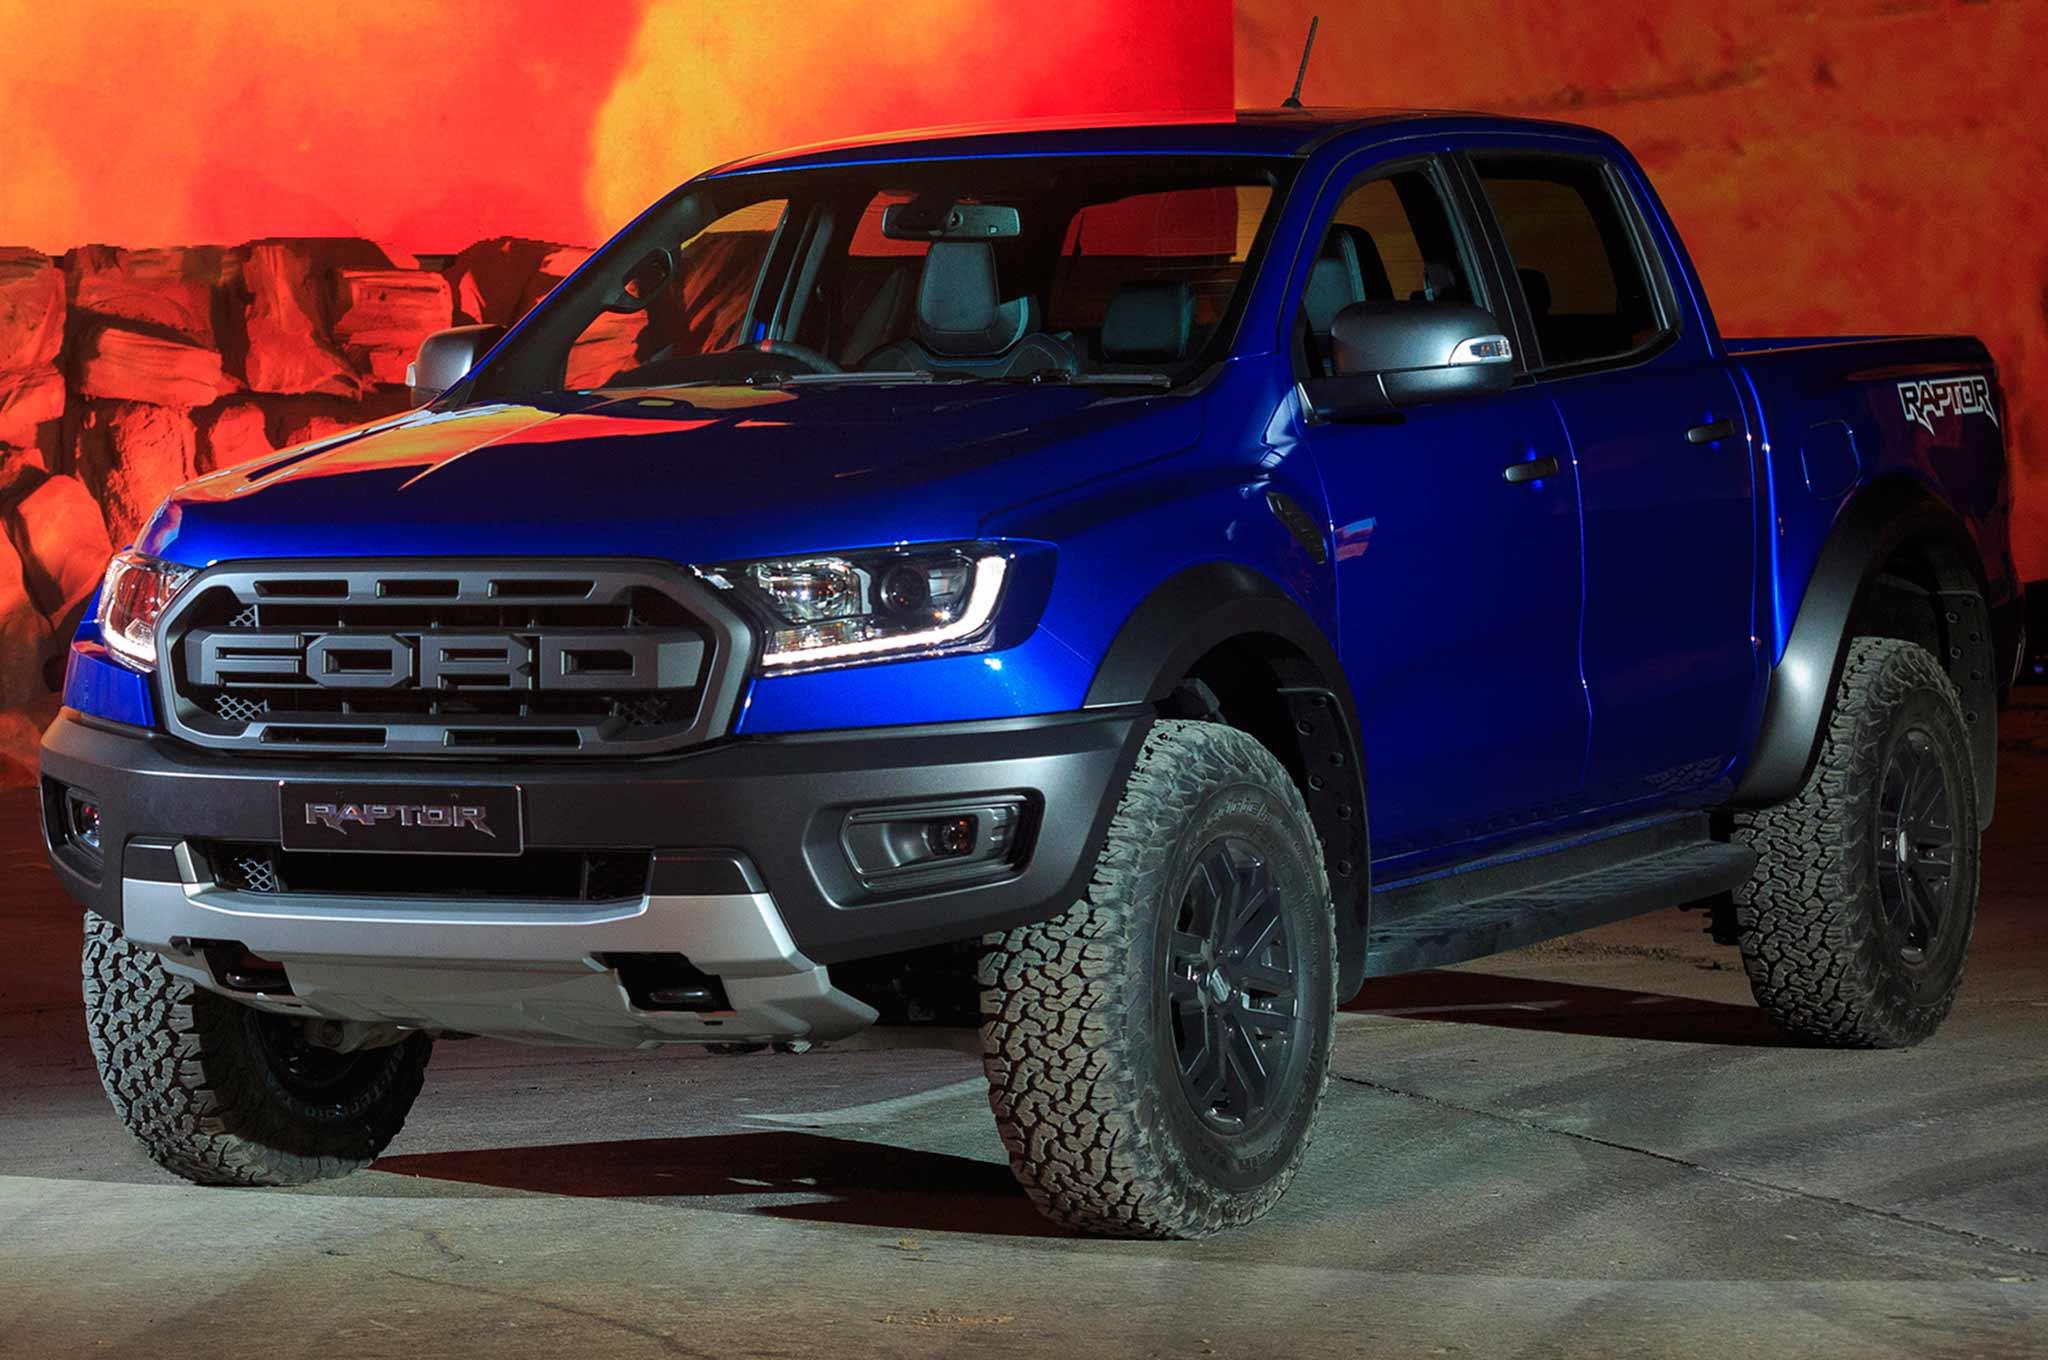 56 Gallery of 2019 Ford Ranger Raptor Reviews for 2019 Ford Ranger Raptor